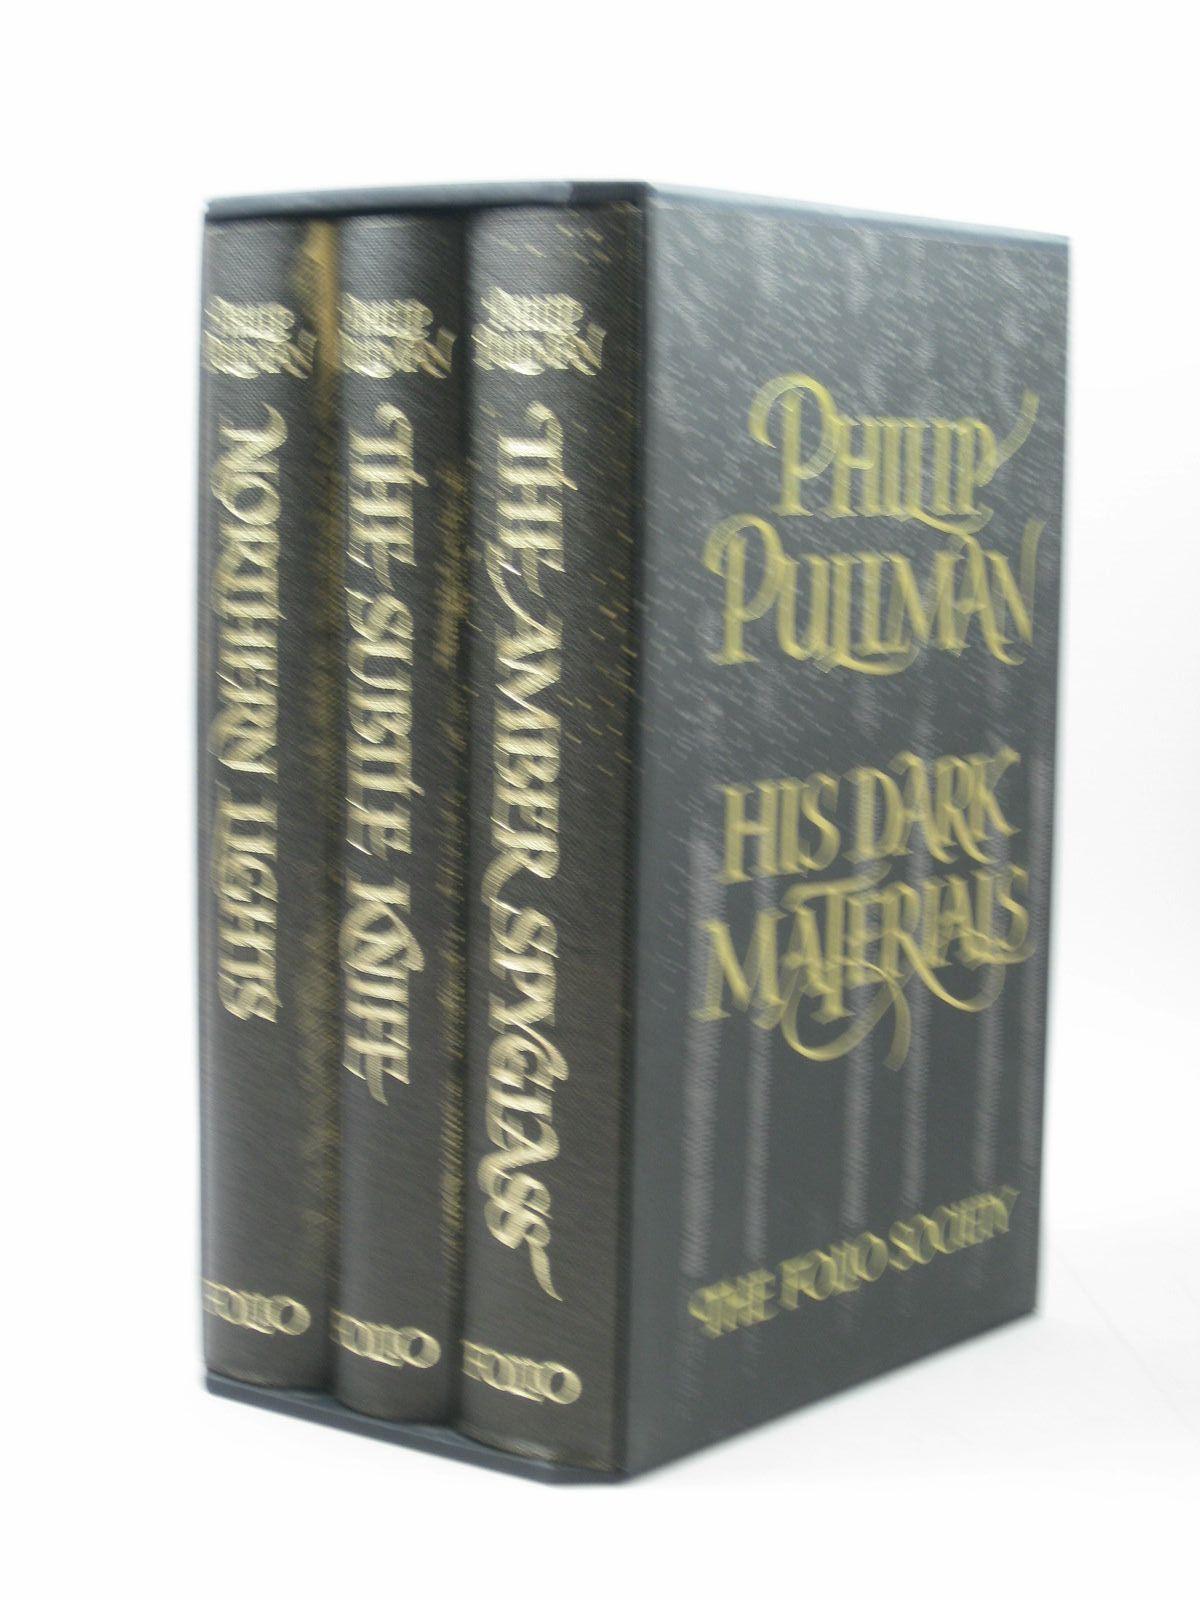 His Dark Materials (3 Volumes)